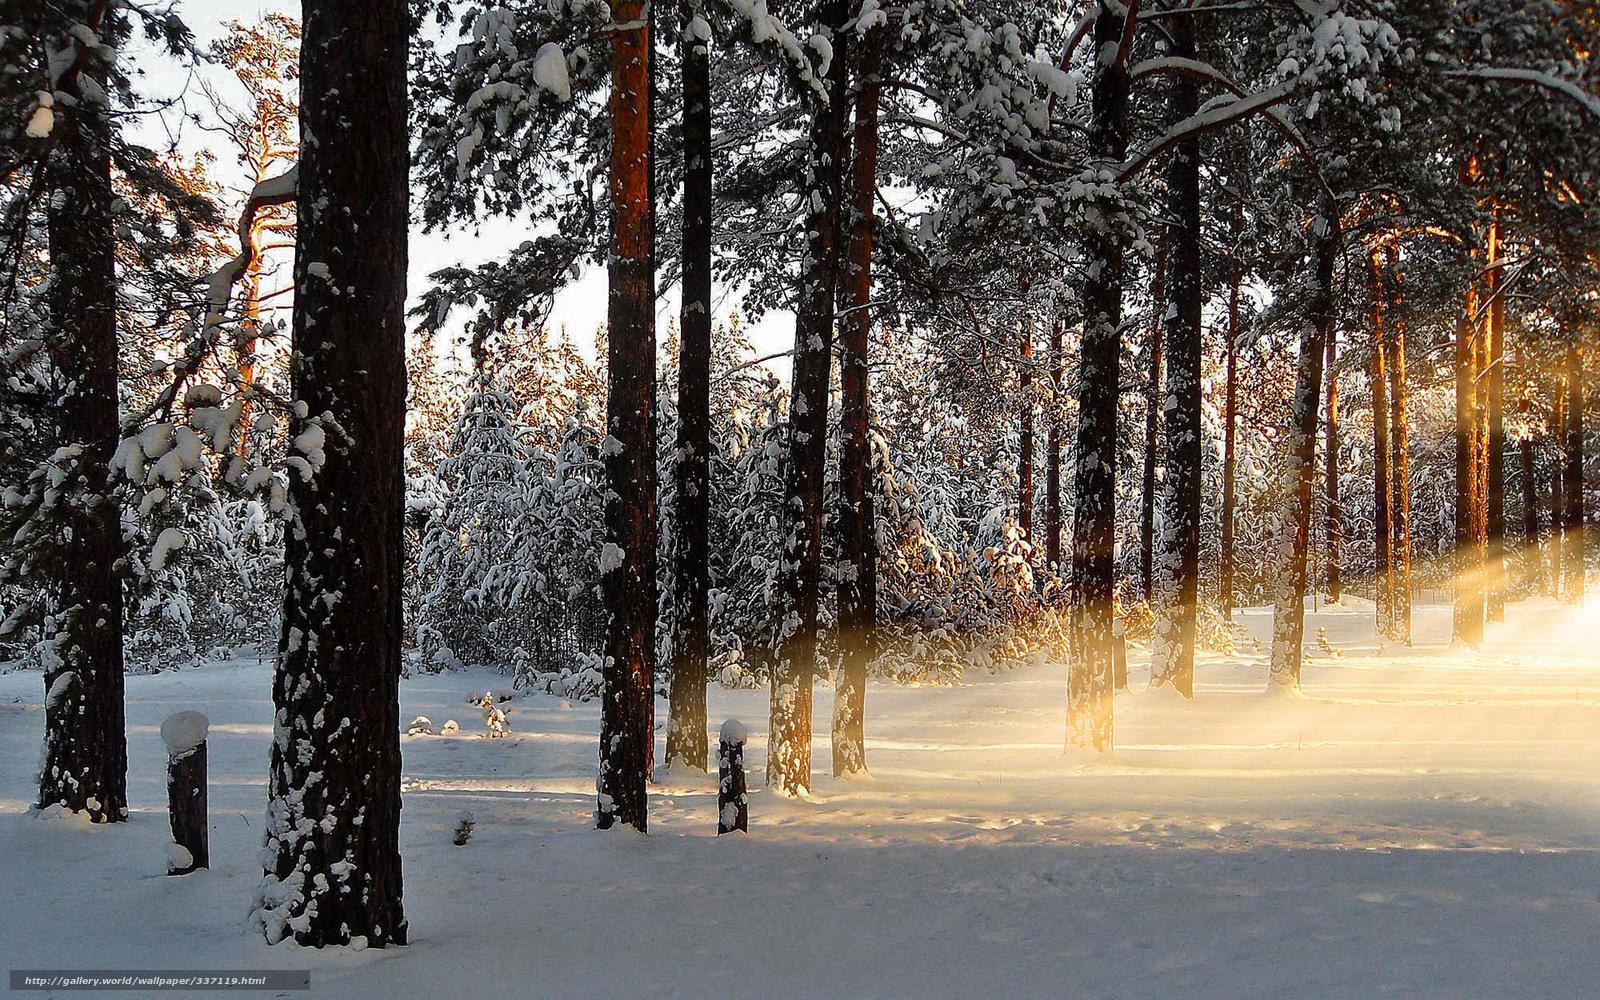 Скачать обои Зима,   лес,   лучи света бесплатно для рабочего стола в разрешении 1920x1200 — картинка №337119